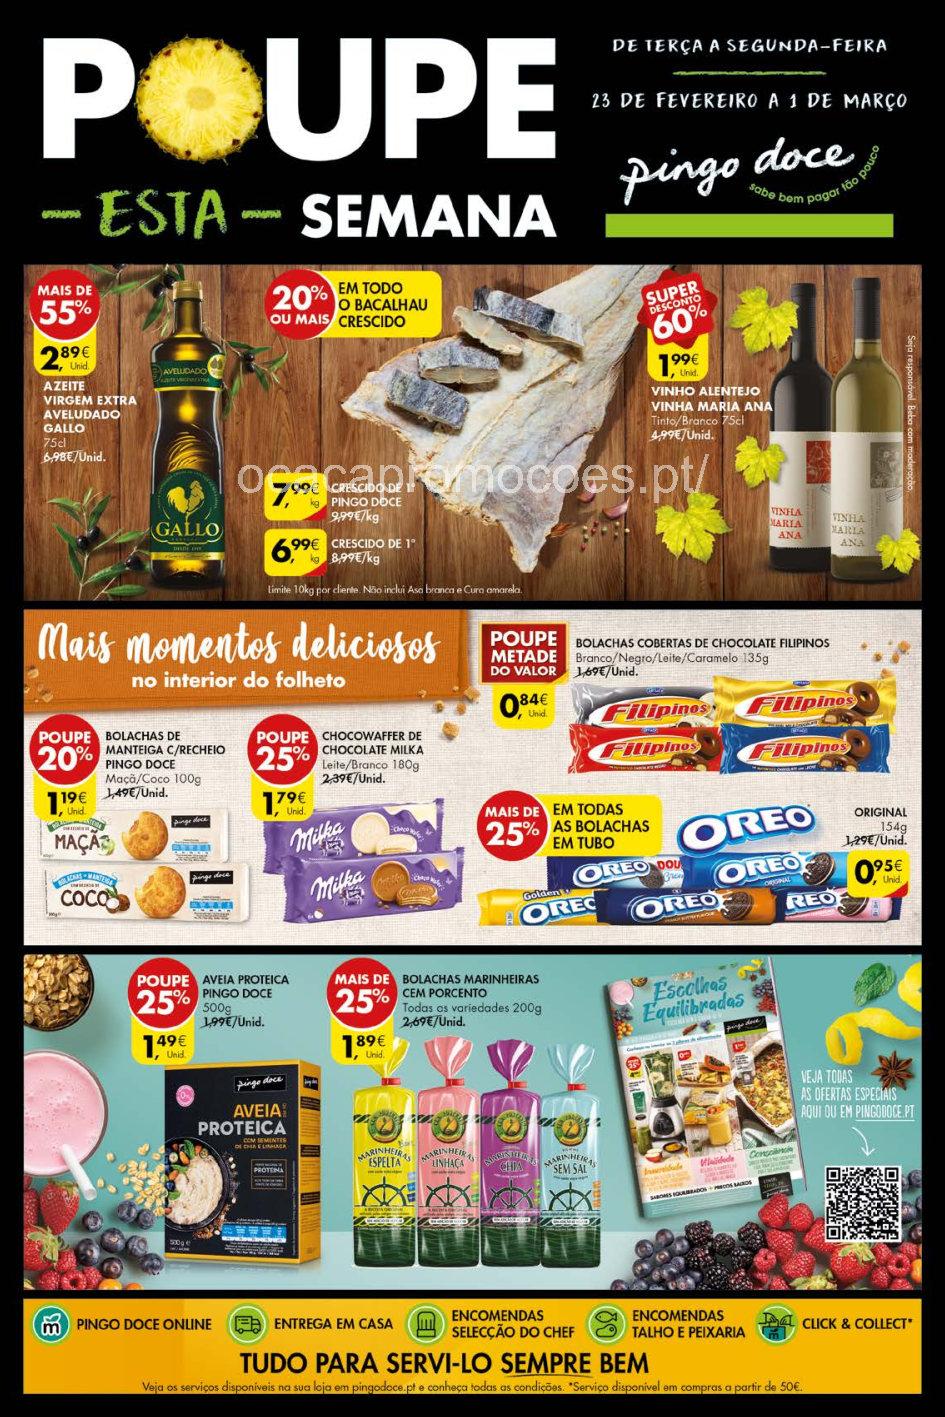 folheto pingo doce 23 fevereiro 1 marco Page48